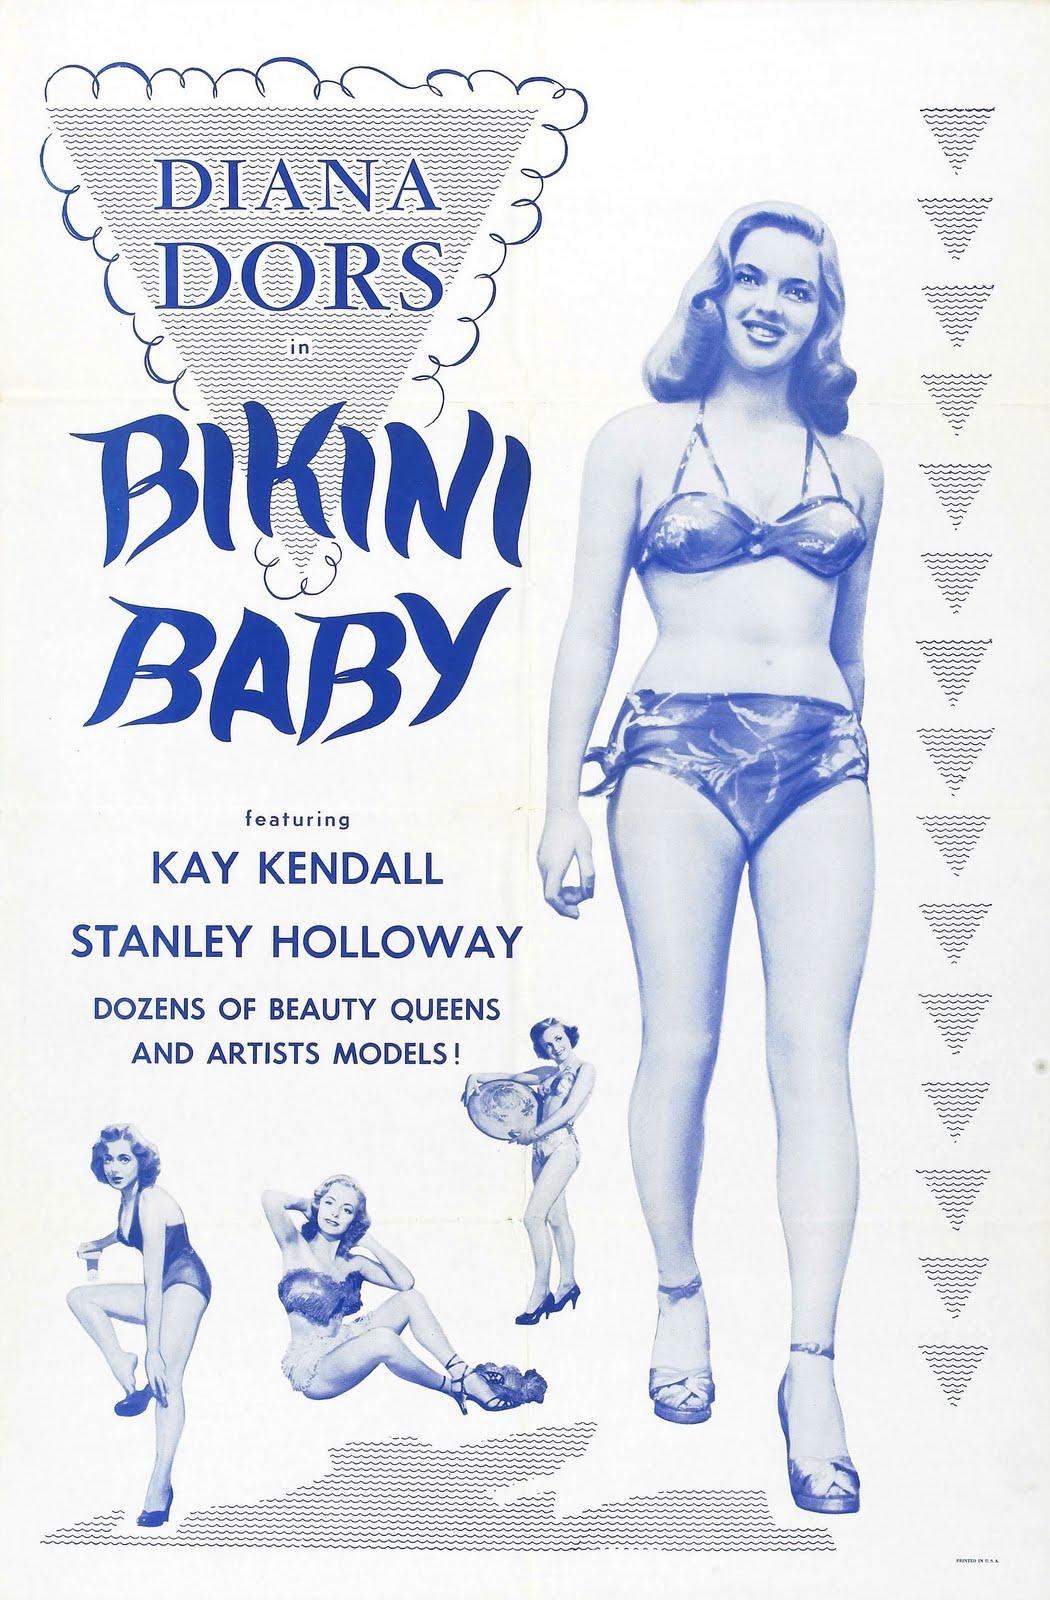 http://1.bp.blogspot.com/_ykSAYA0_rl8/S7GdPpbn7bI/AAAAAAAAAQI/OTxgHotB-PY/s1600/bikini_baby_poster_01.jpg